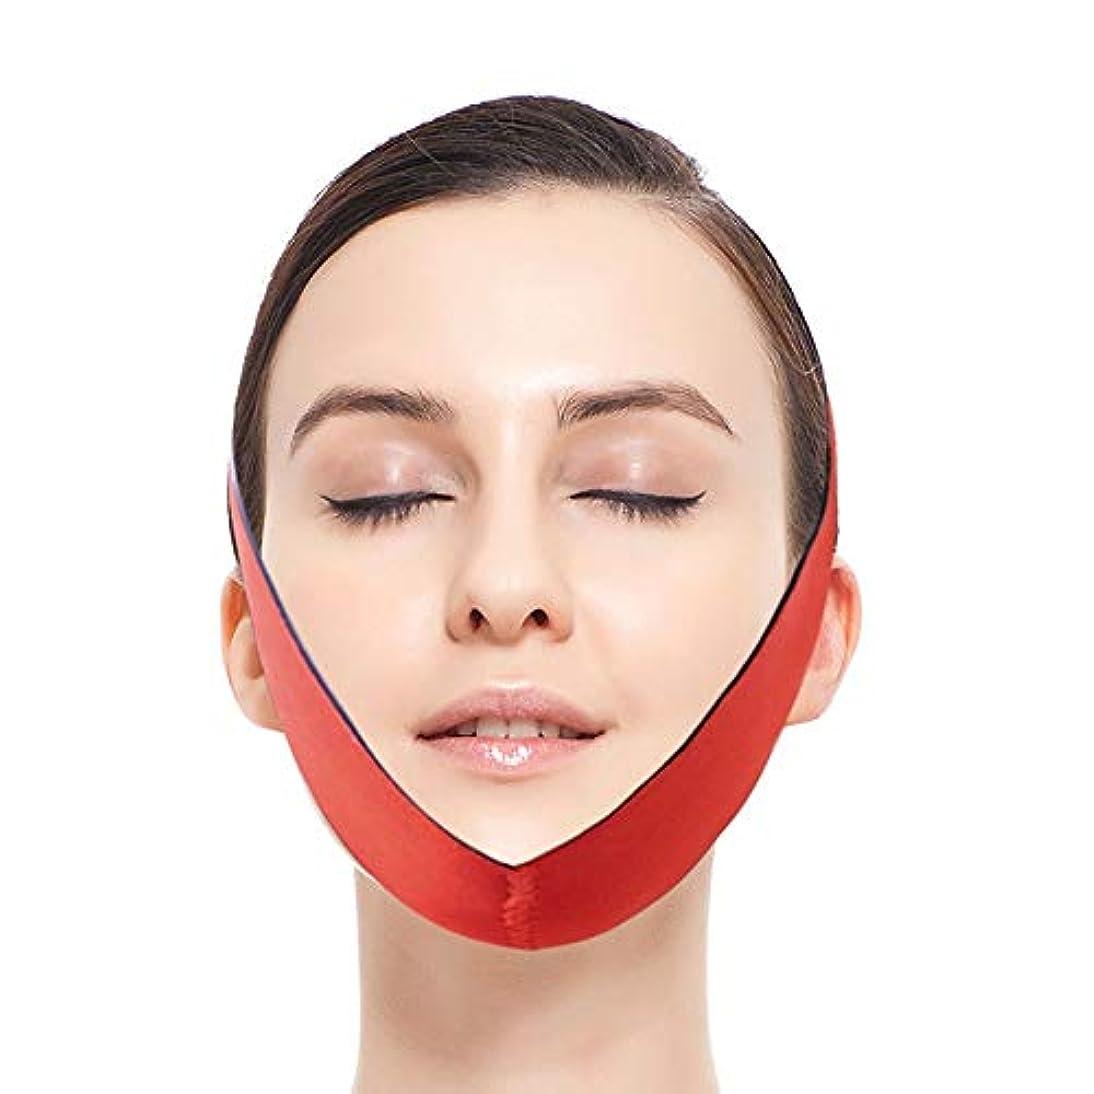 バック多様な刈るフェイスリフティングアーティファクトVフェイス包帯マスクダブルあご引き締め顔薄い咬傷筋肉下顎矯正顔